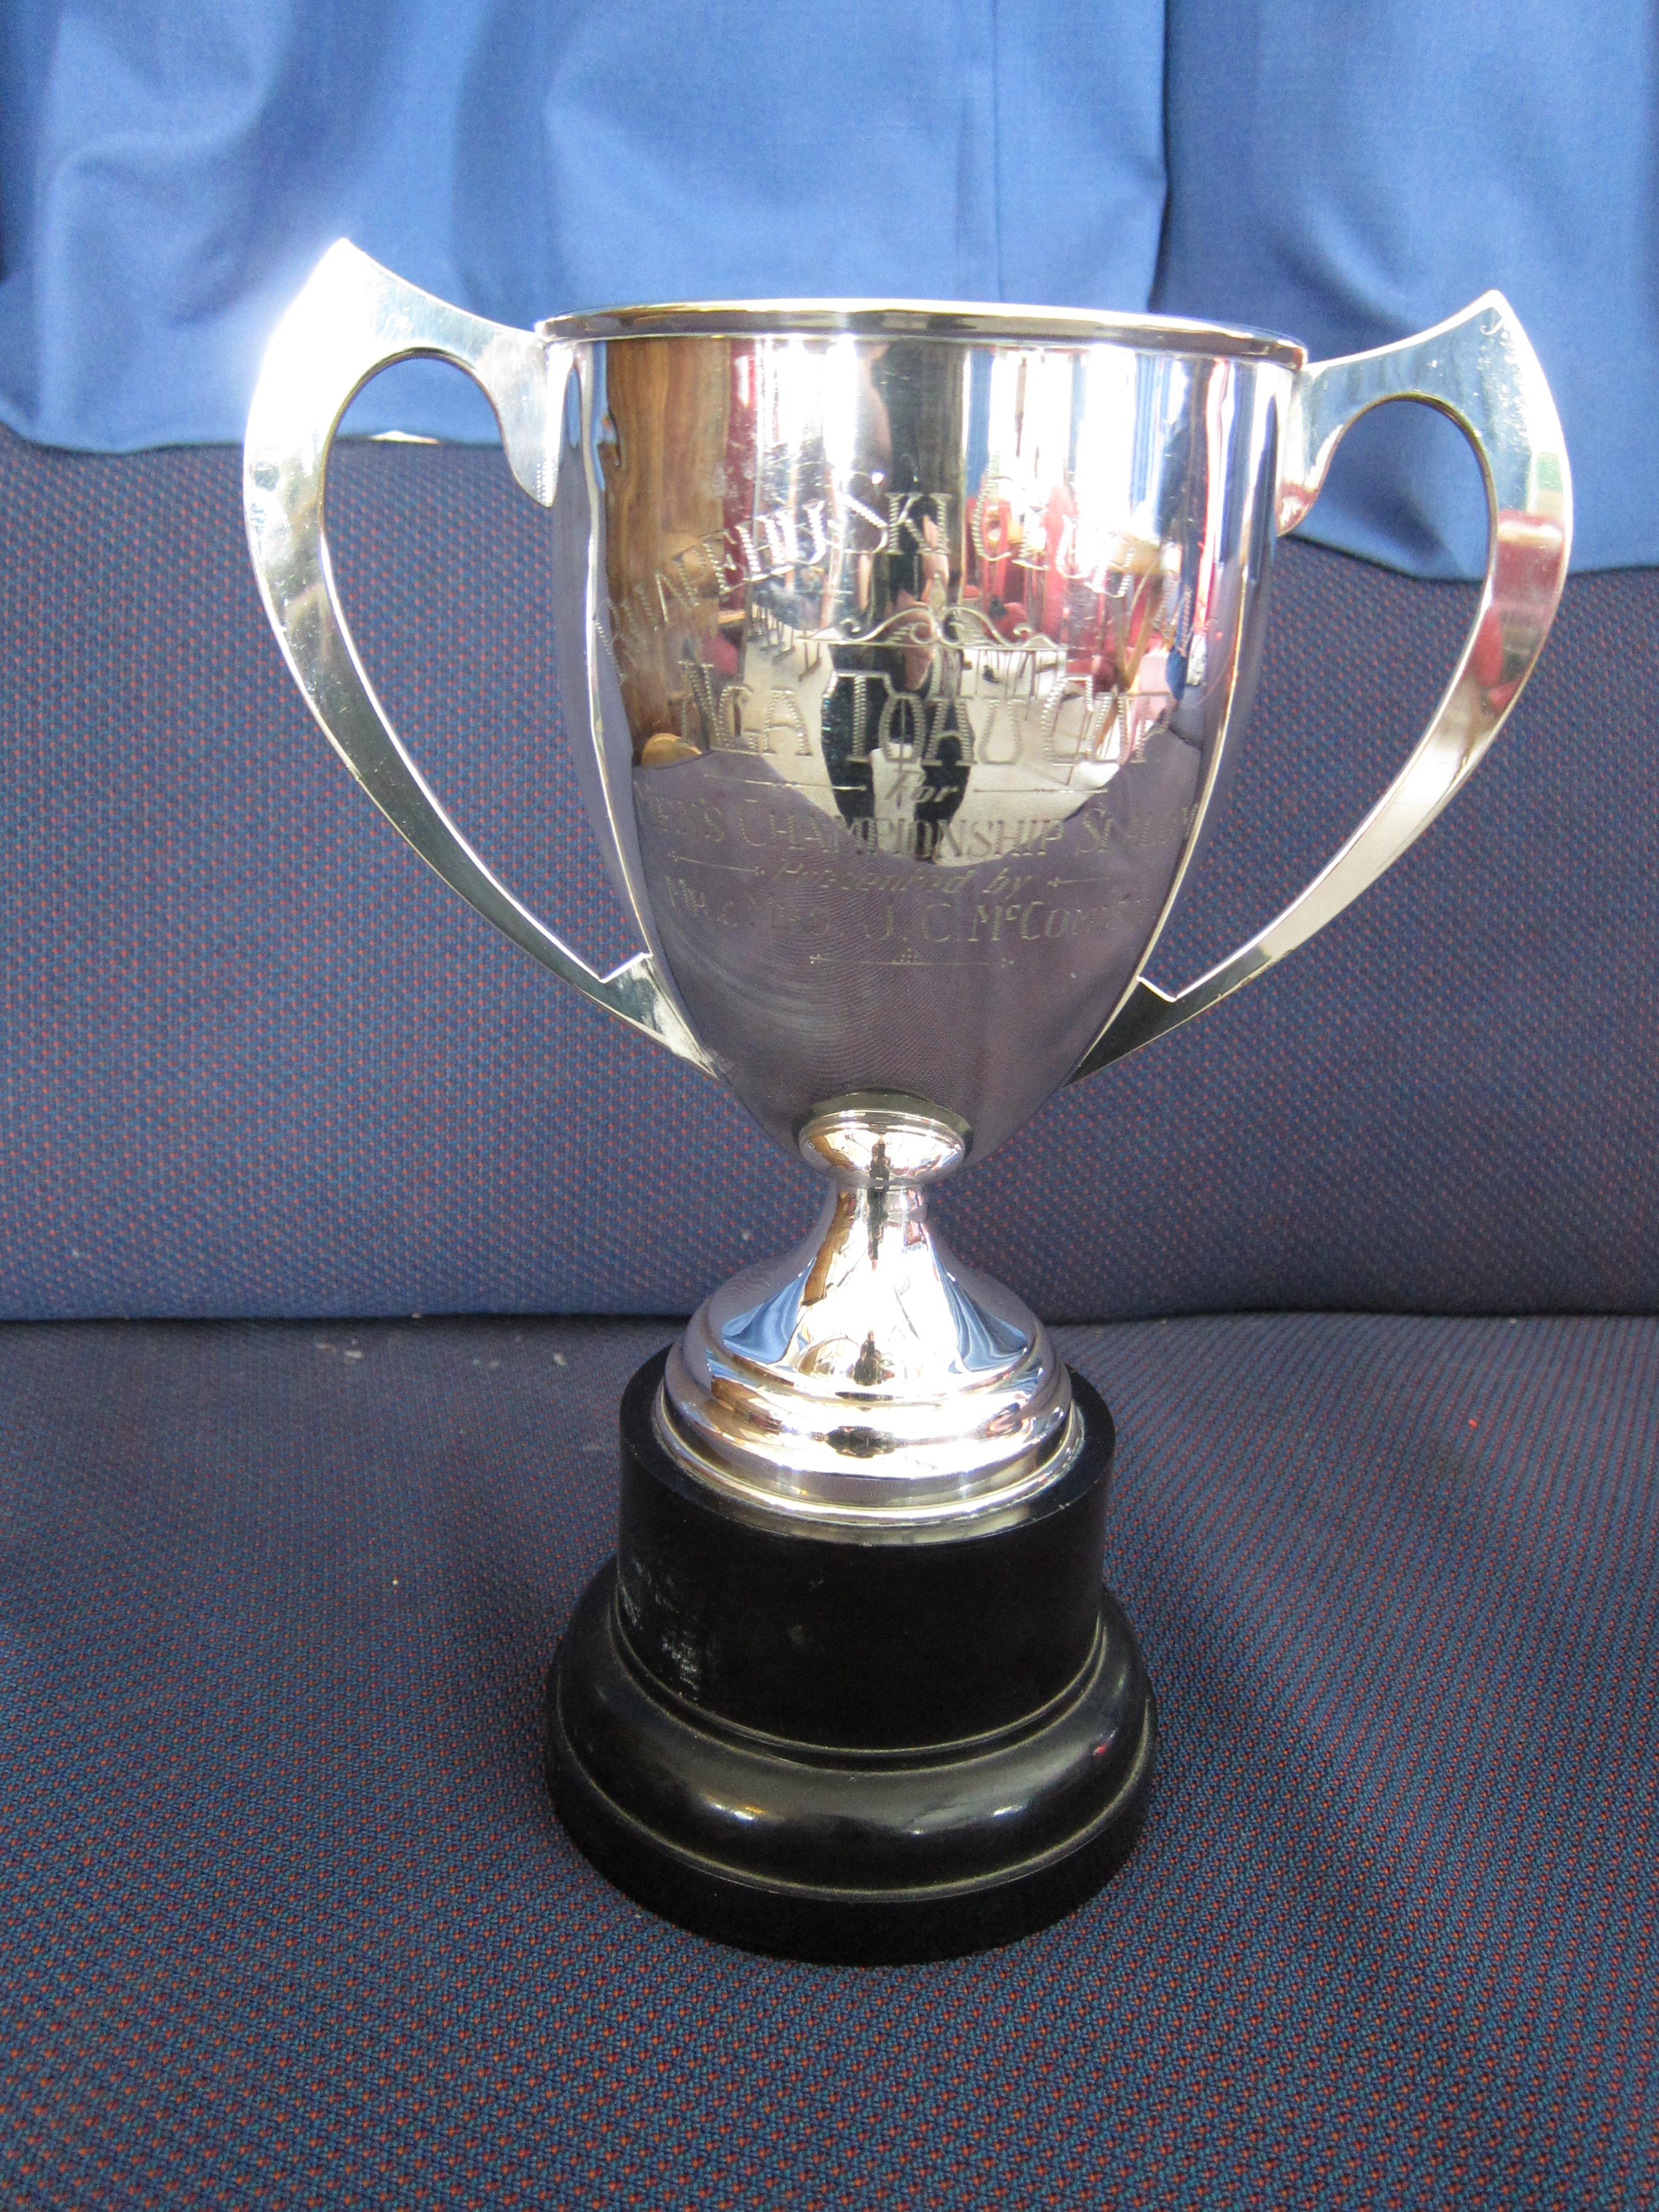 Nga_Tohu_Cup.JPG